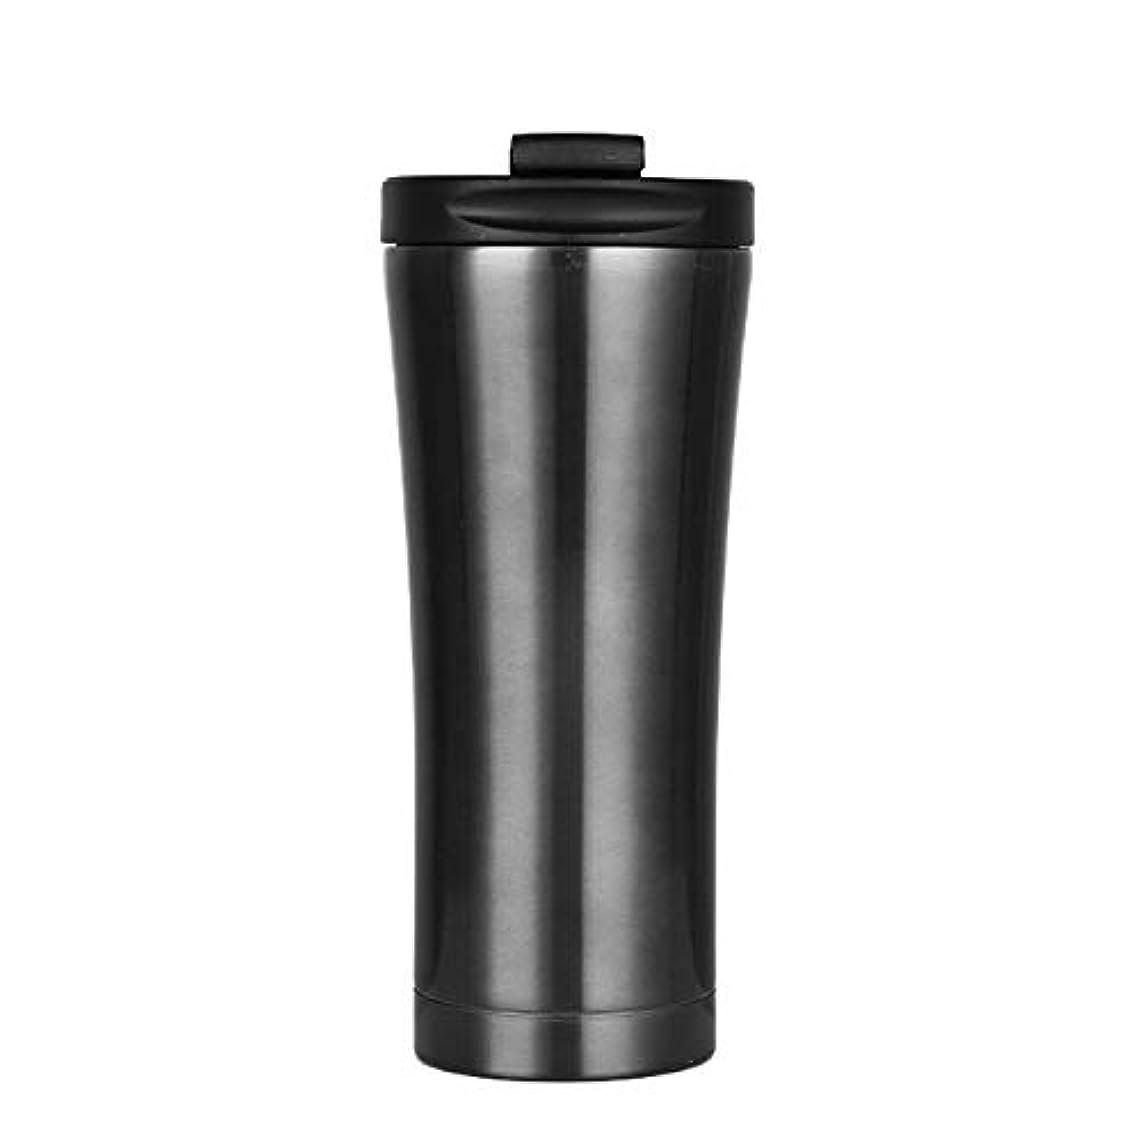 ポーク多分突撃ティーカップコーヒーカップ ステンレス鋼タンブラーコーヒーマグ17オンス二重壁真空旅行マグでこぼれ防止蓋水ドリンクカップ500ミリリットル 完璧な贈り物 (Capacity : 500ML, 色 : ブラック)